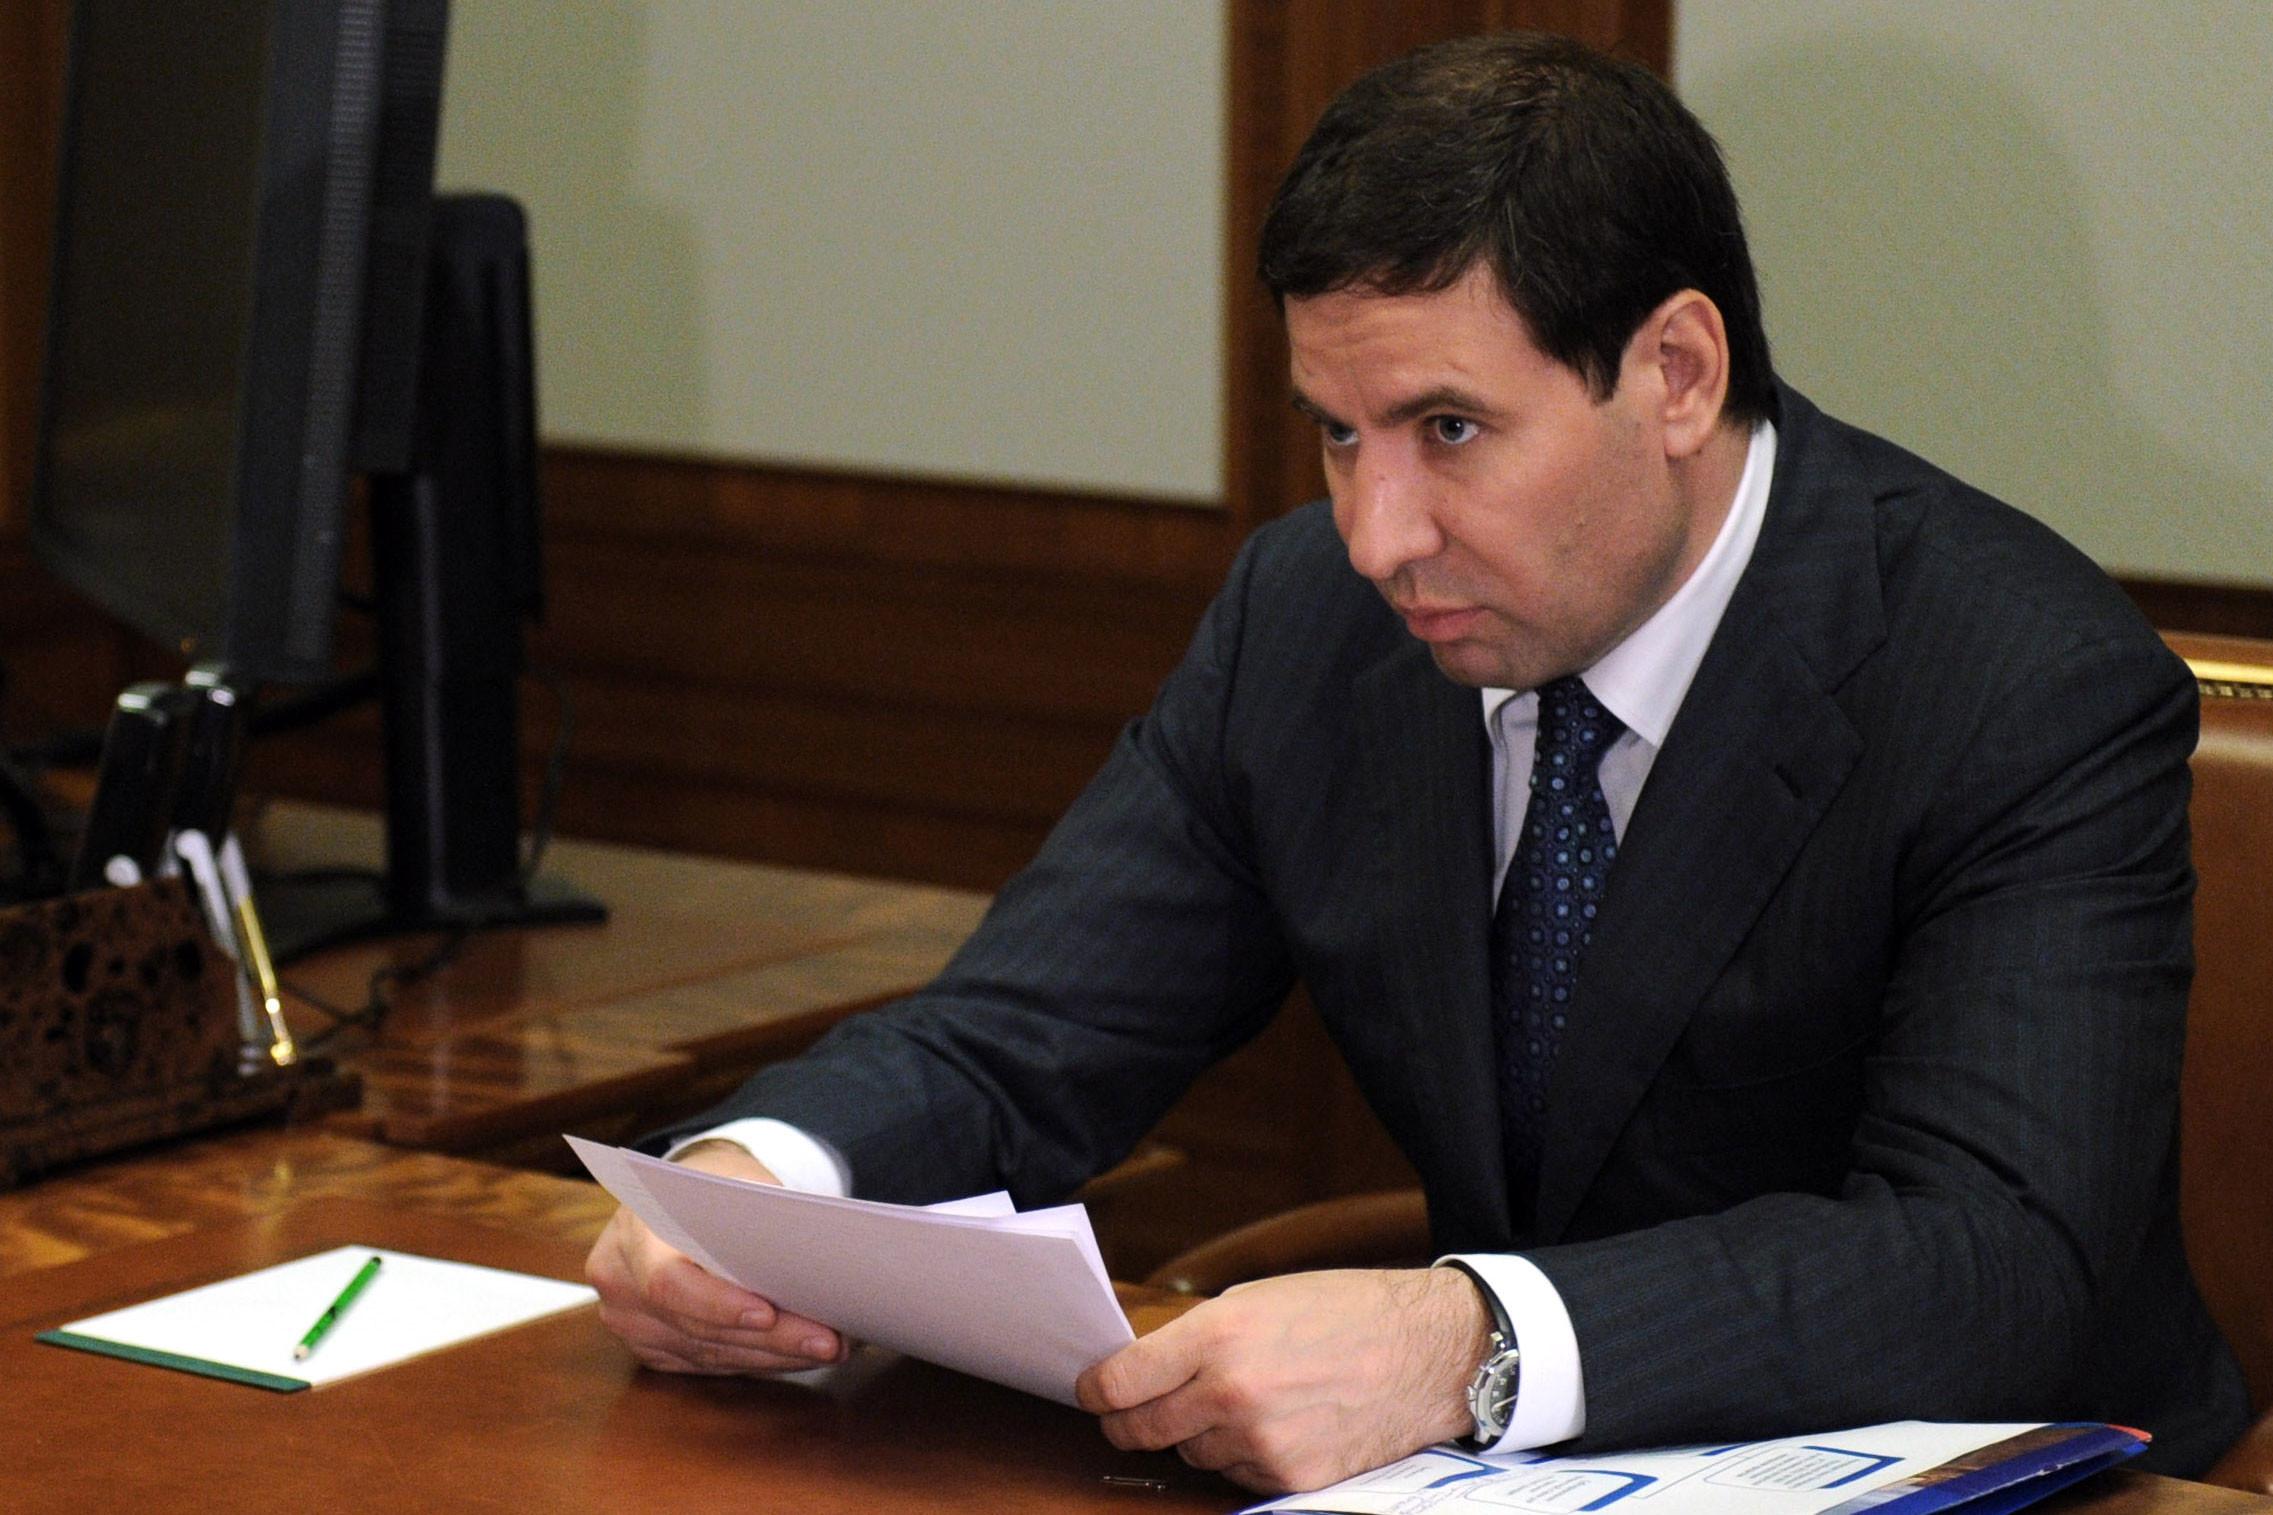 Михаил Юревич. Фото © ИТАР-ТАСС / Михаил Климентьев